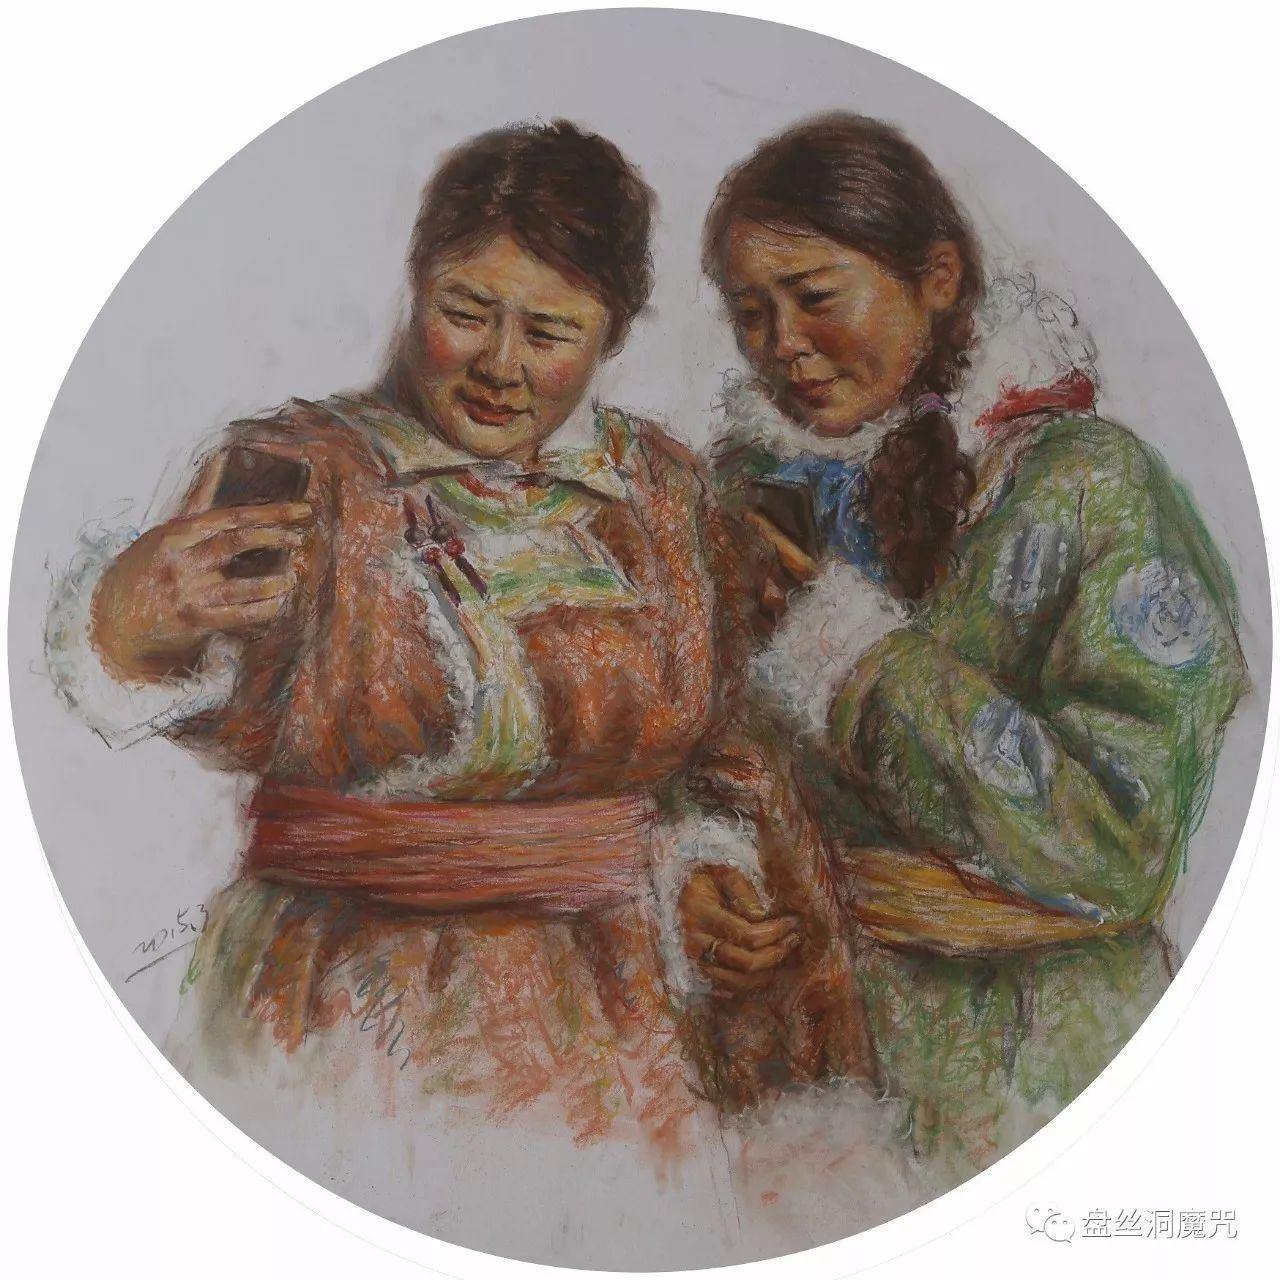 关安平水彩作品欣赏 第4张 关安平水彩作品欣赏 蒙古画廊